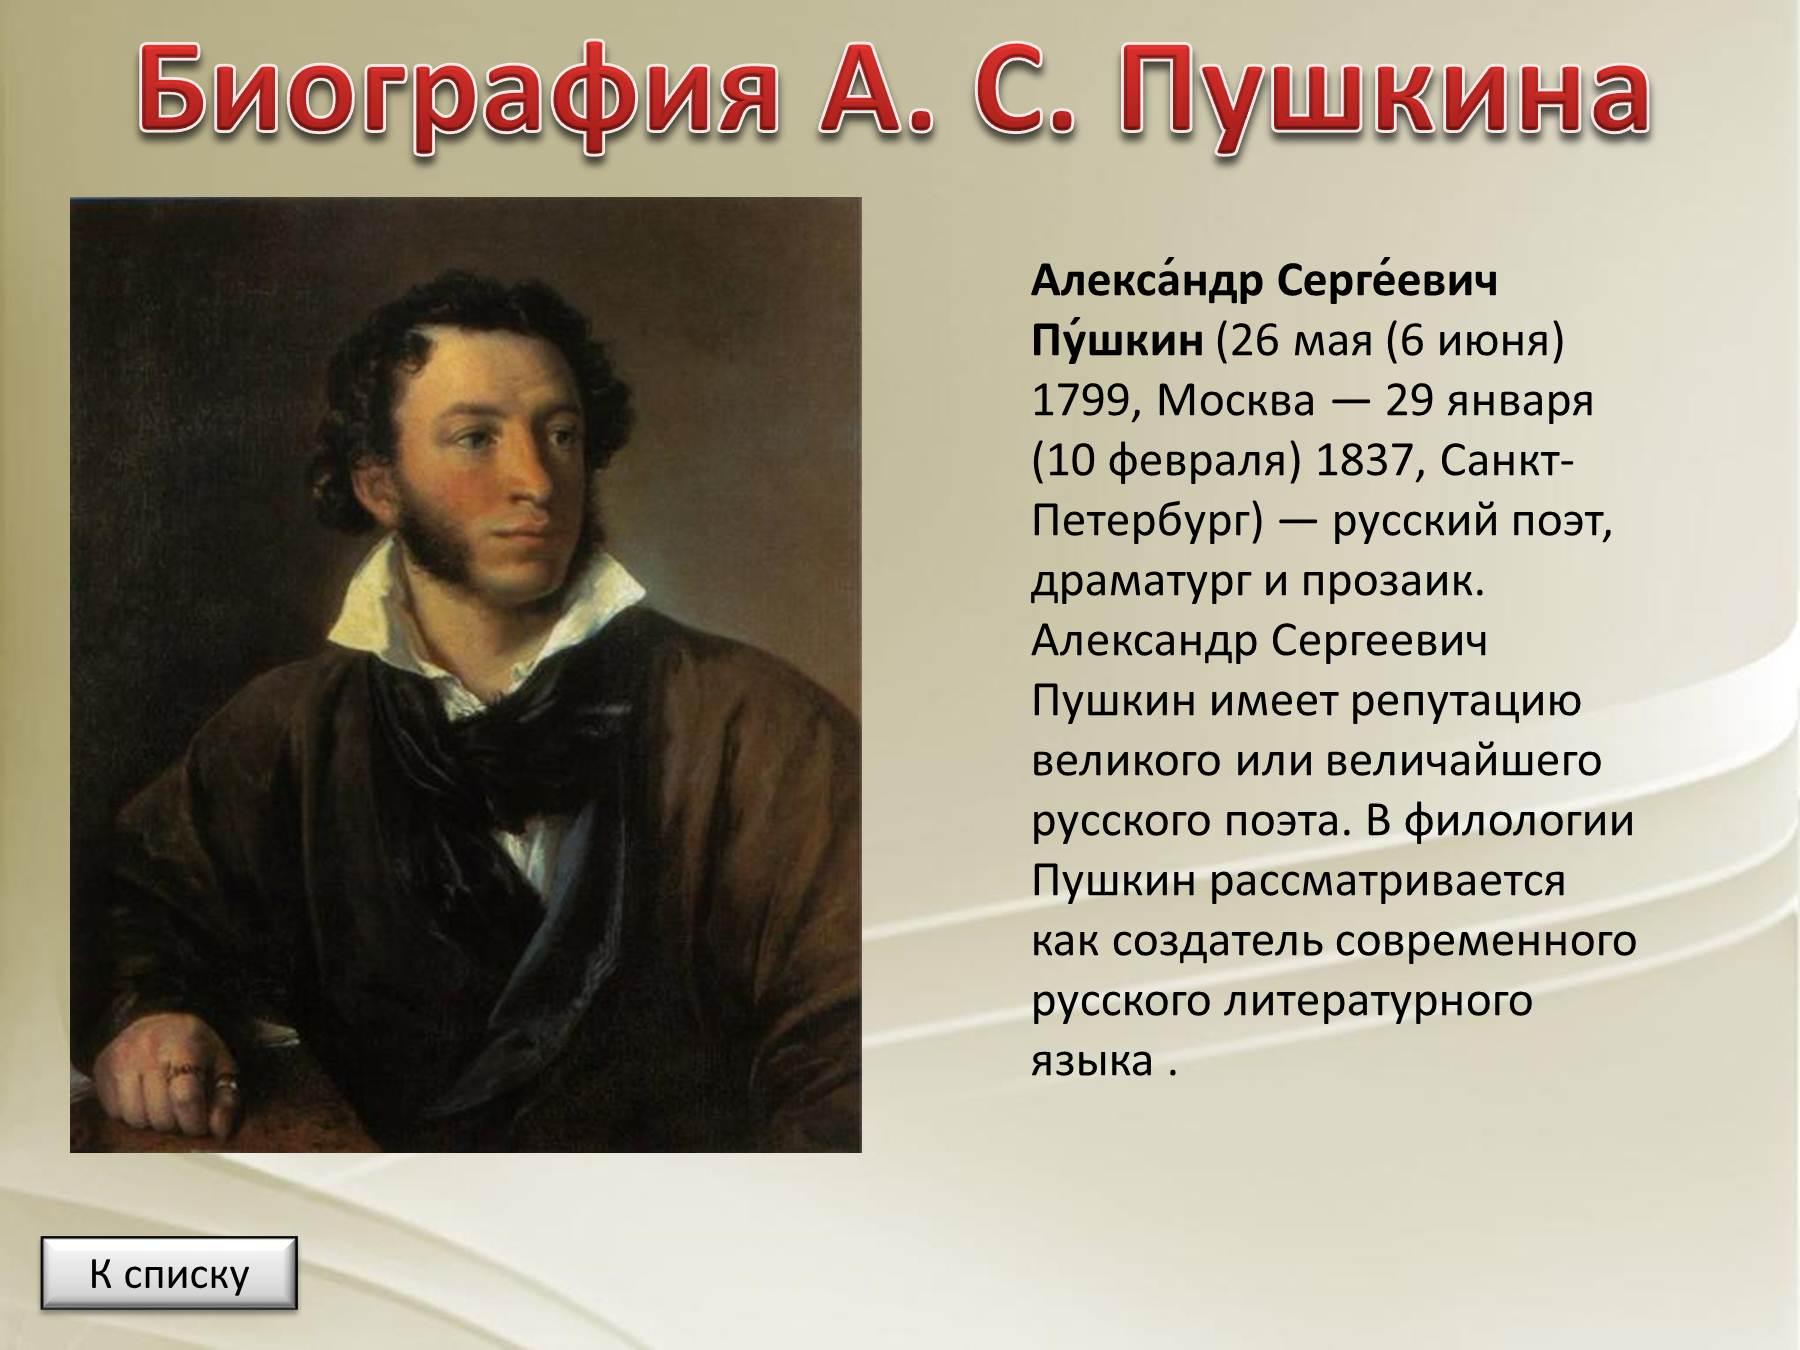 Реферат о пушкине с фото 7178